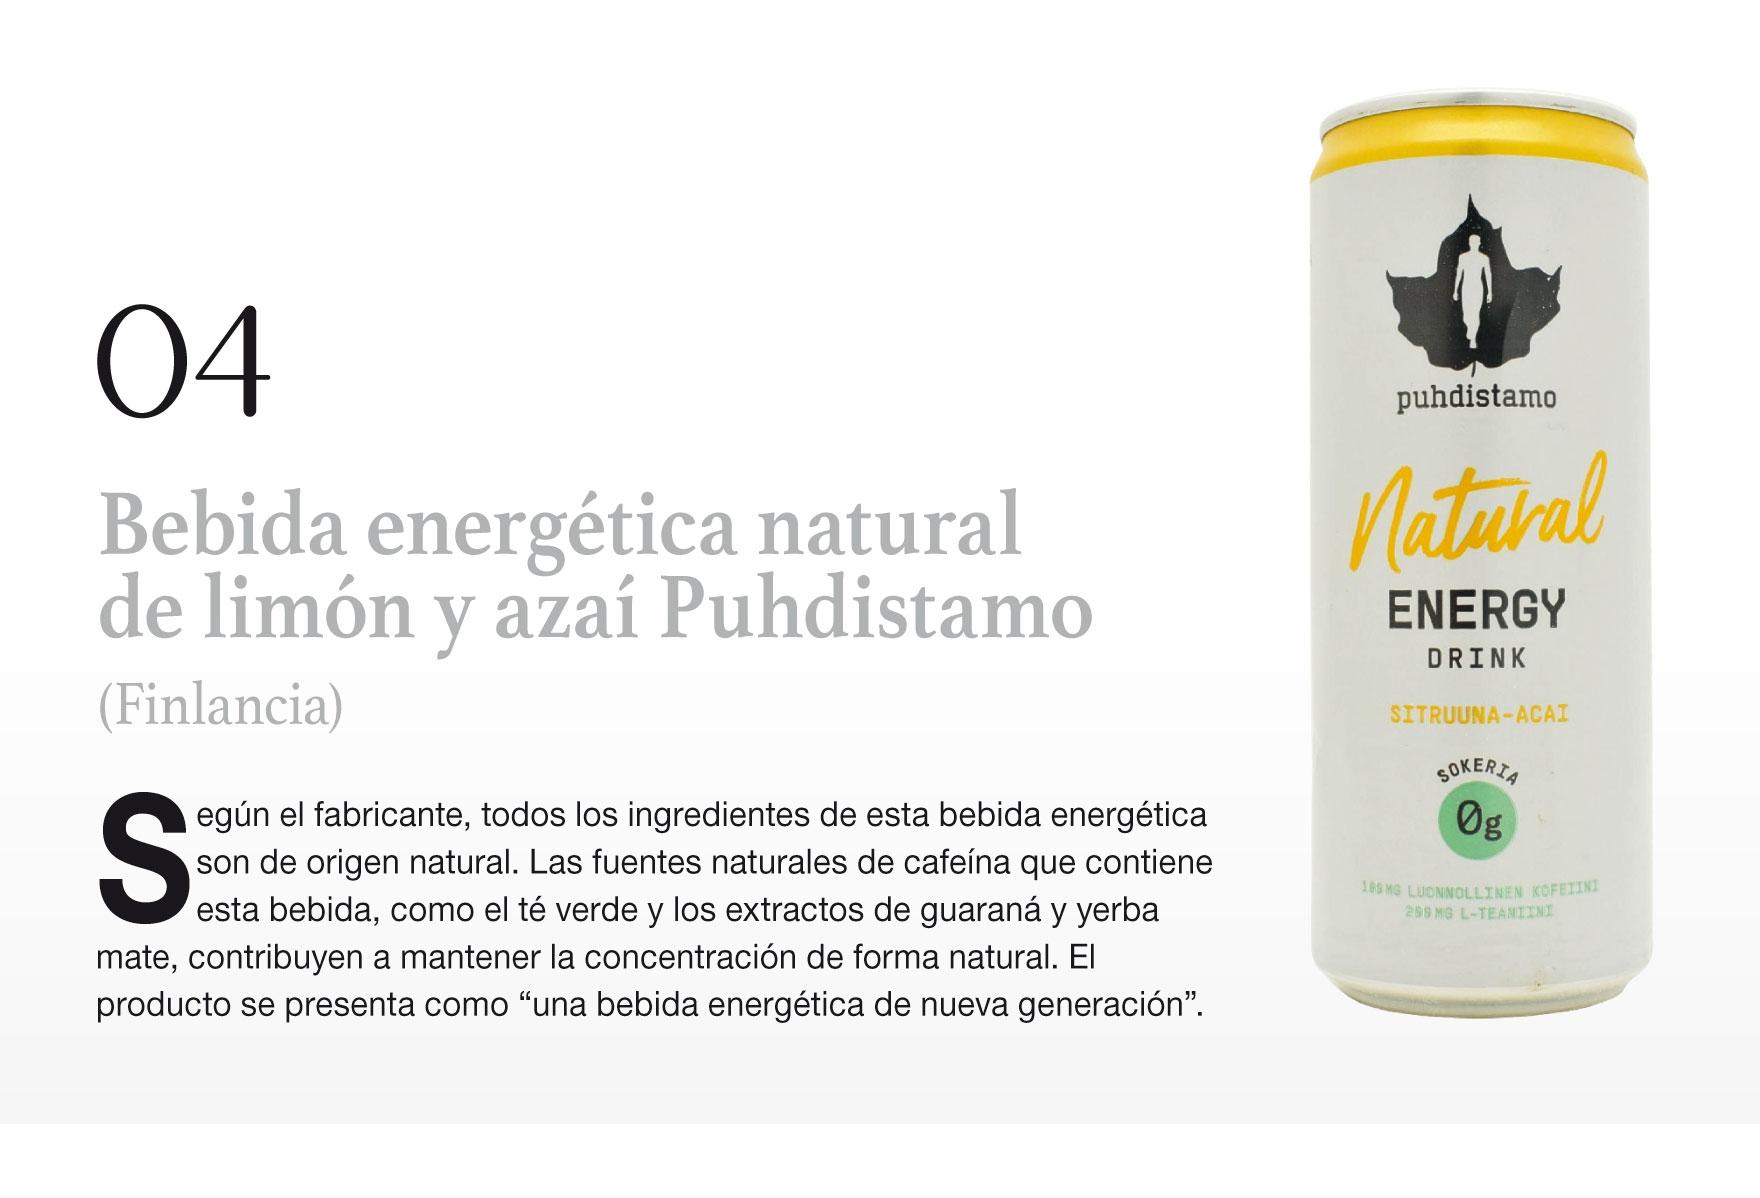 Bebida energética natural de limón y azaí Puhdistamo (Finlancia)